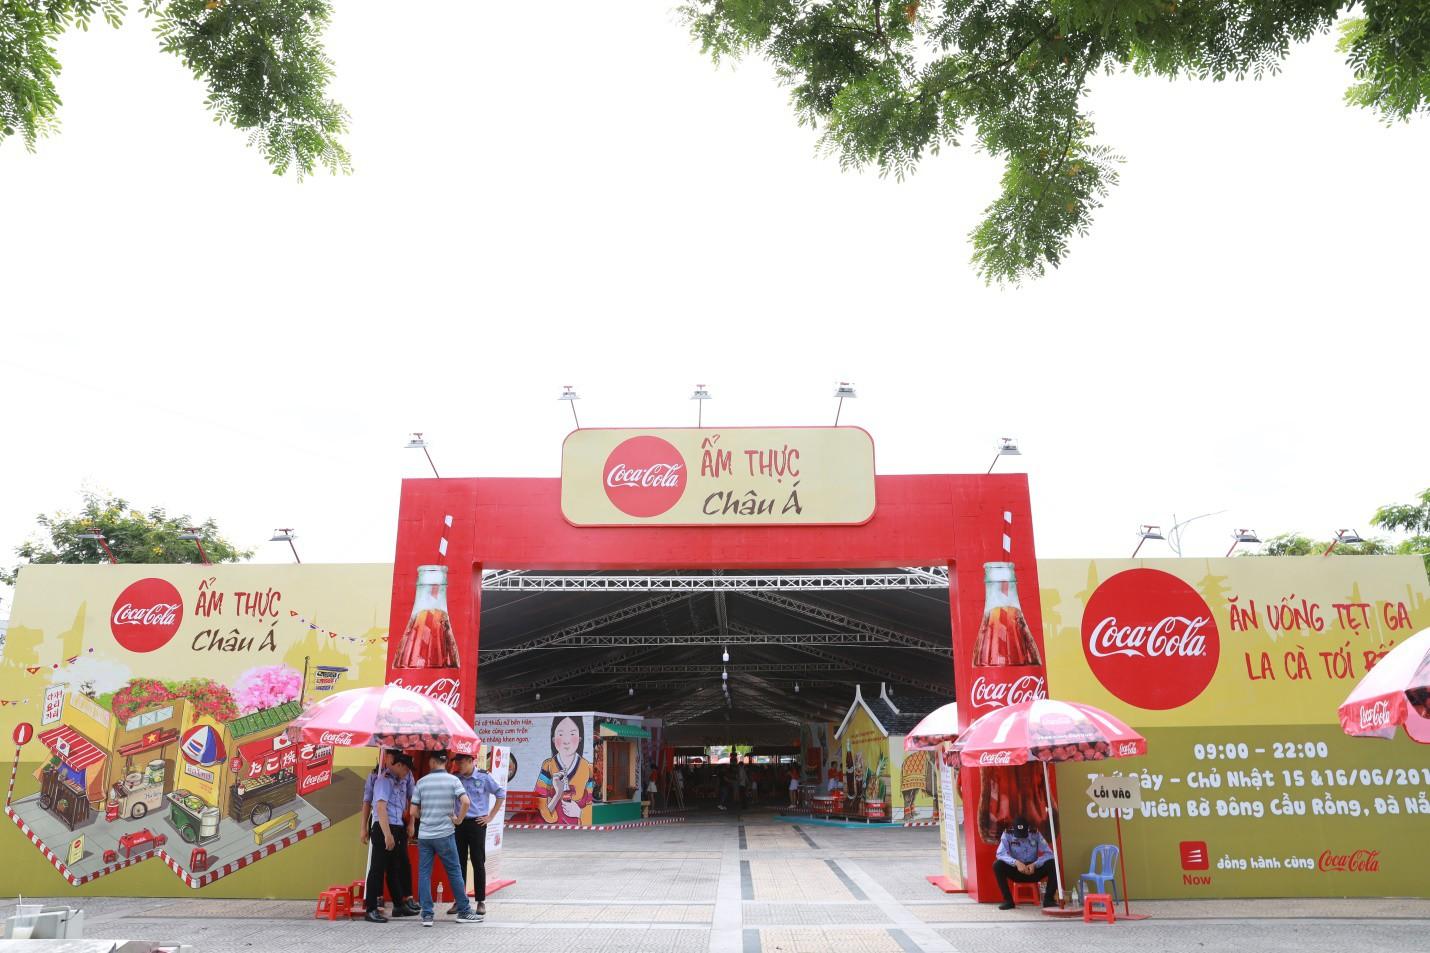 Hàng trăm tín đồ ẩm thực Việt thỏa mãn hết nấc vì được đắm mình trong thiên đường của ngon vật lạ! - Ảnh 2.